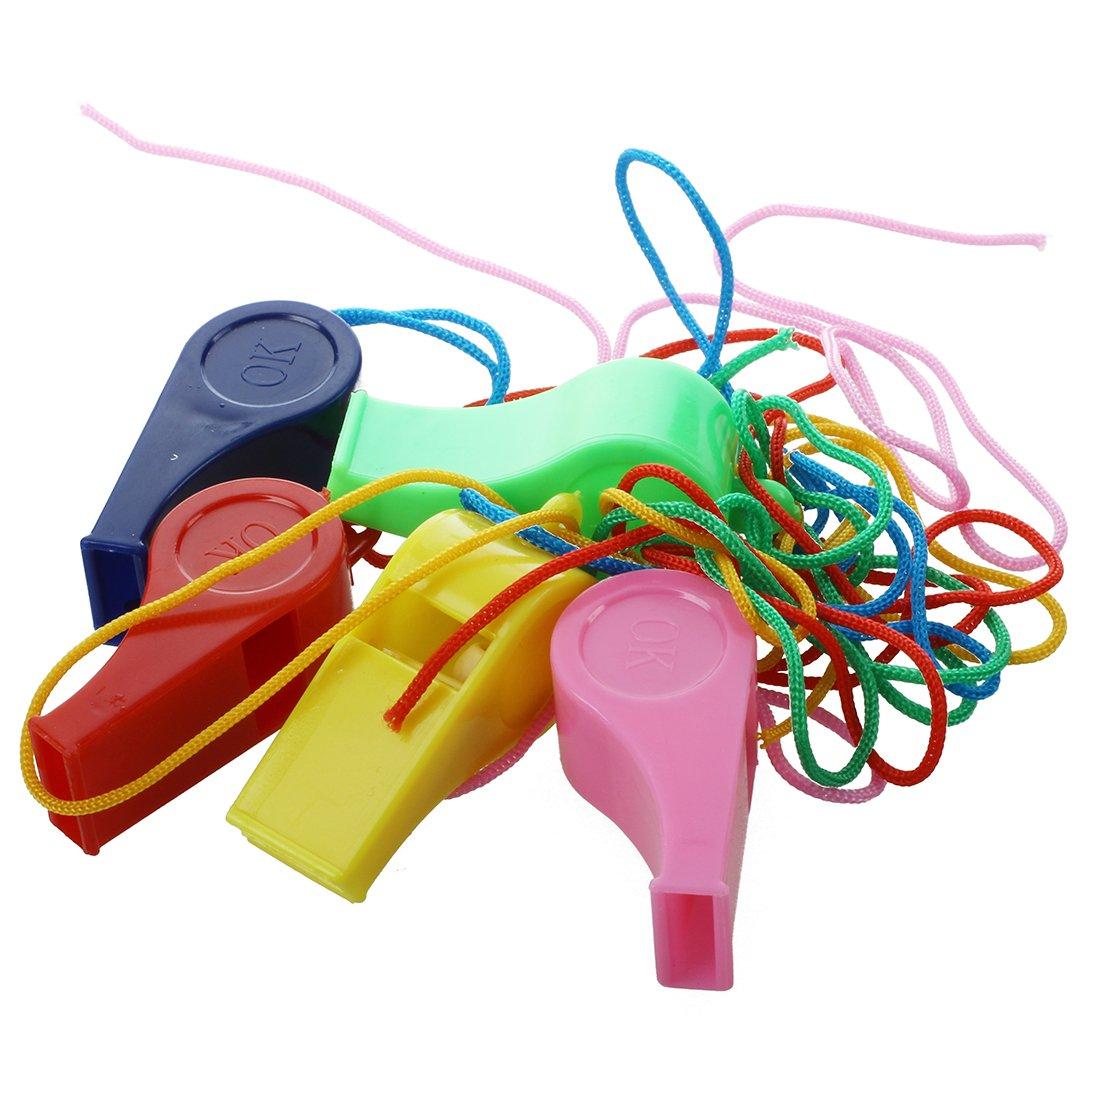 Sonline 5 x Silbato de Plastico Colores Surtidos con Cadena para Deportes Arbitro